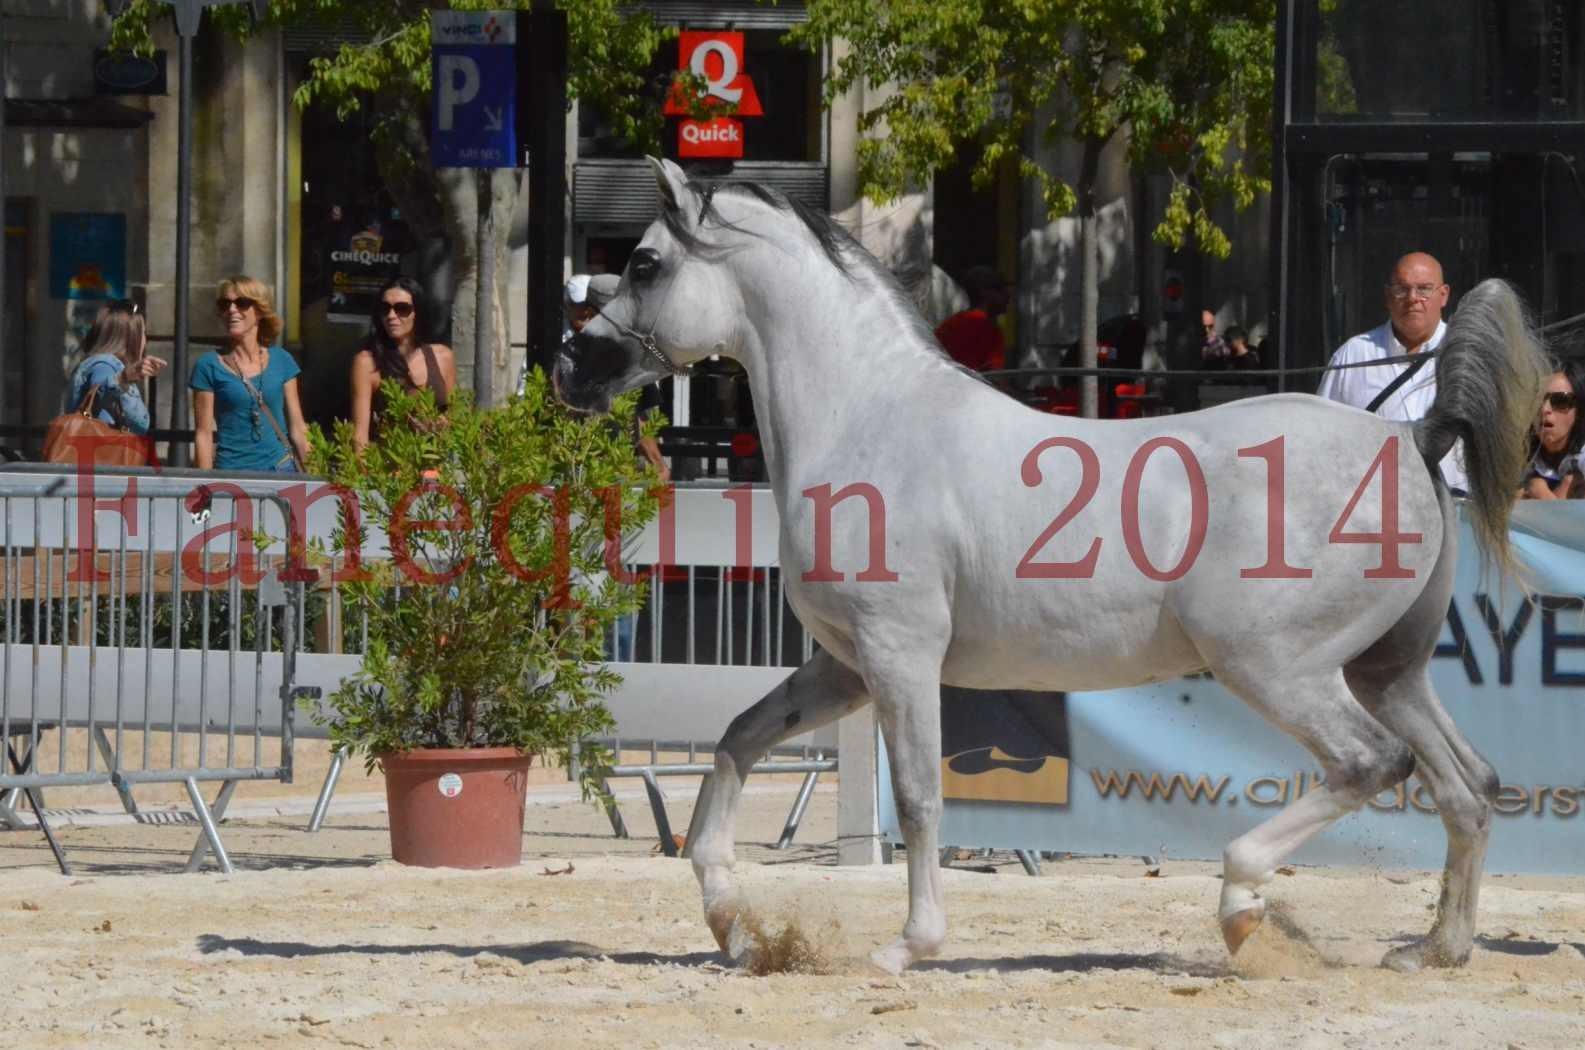 Concours National de Nîmes de chevaux ARABES 2014 - Sélection - SHAOLIN DE NEDJAIA - 43